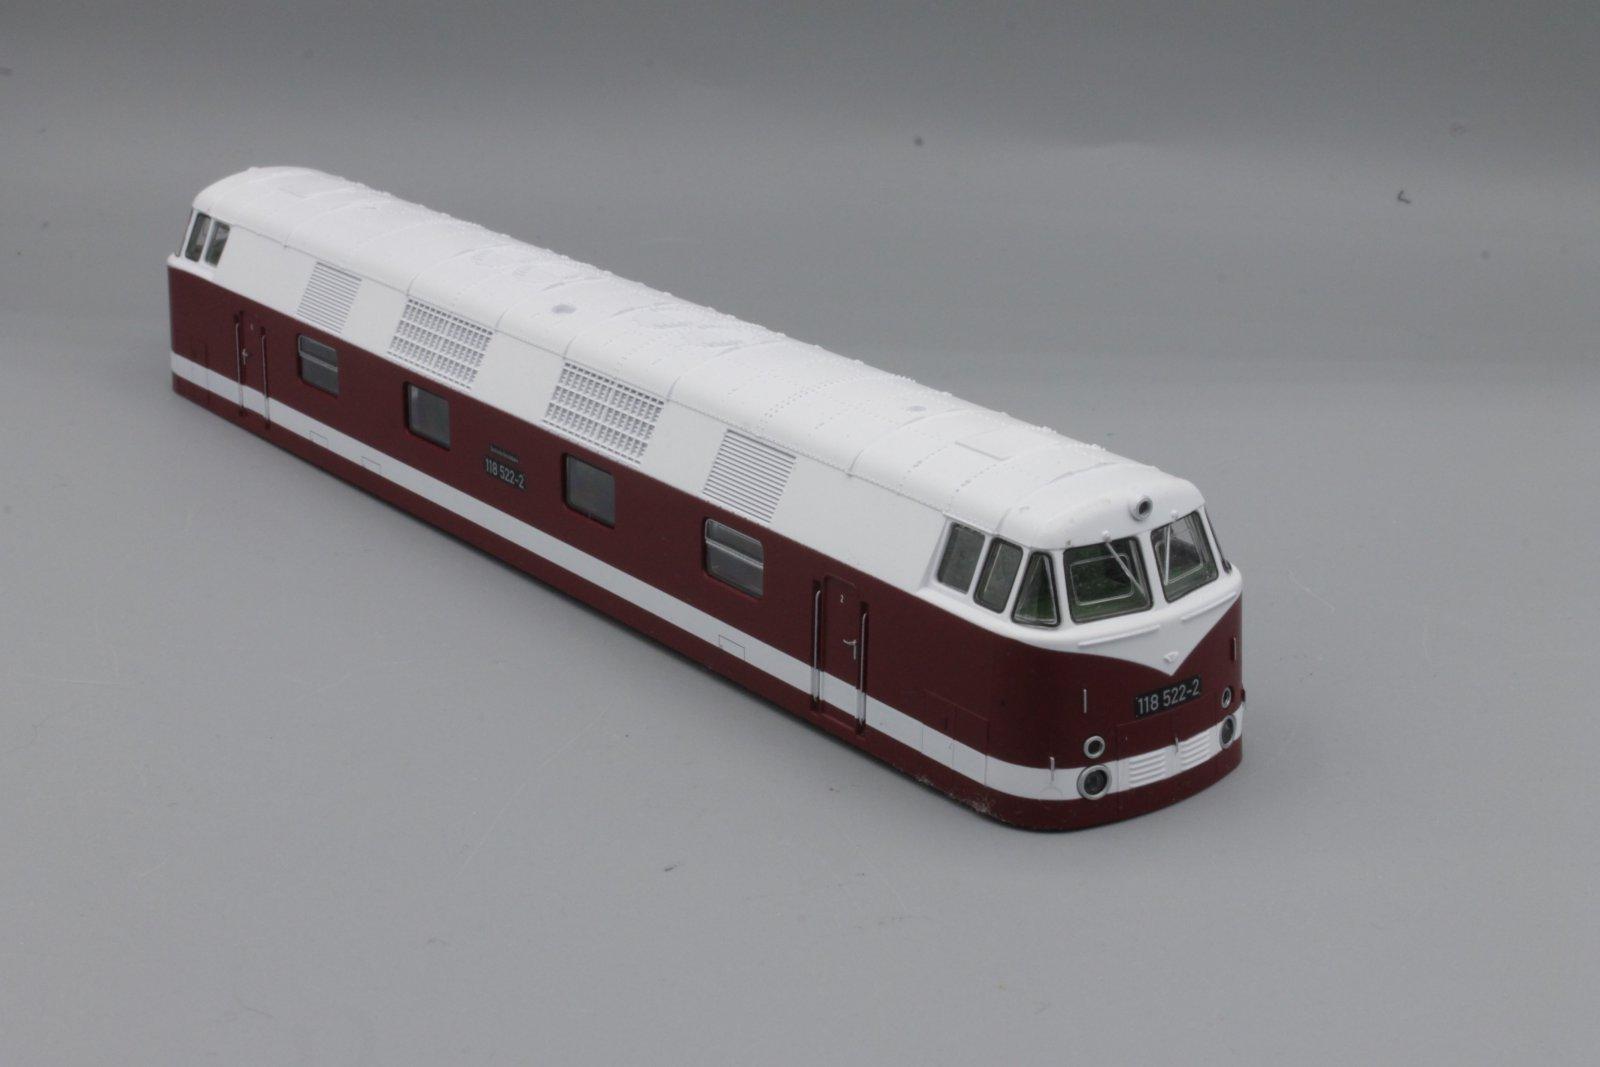 Ersatzteil Piko H0 118 522-2 Gehäuse komplett - m. Fenstern, Führerständen neu